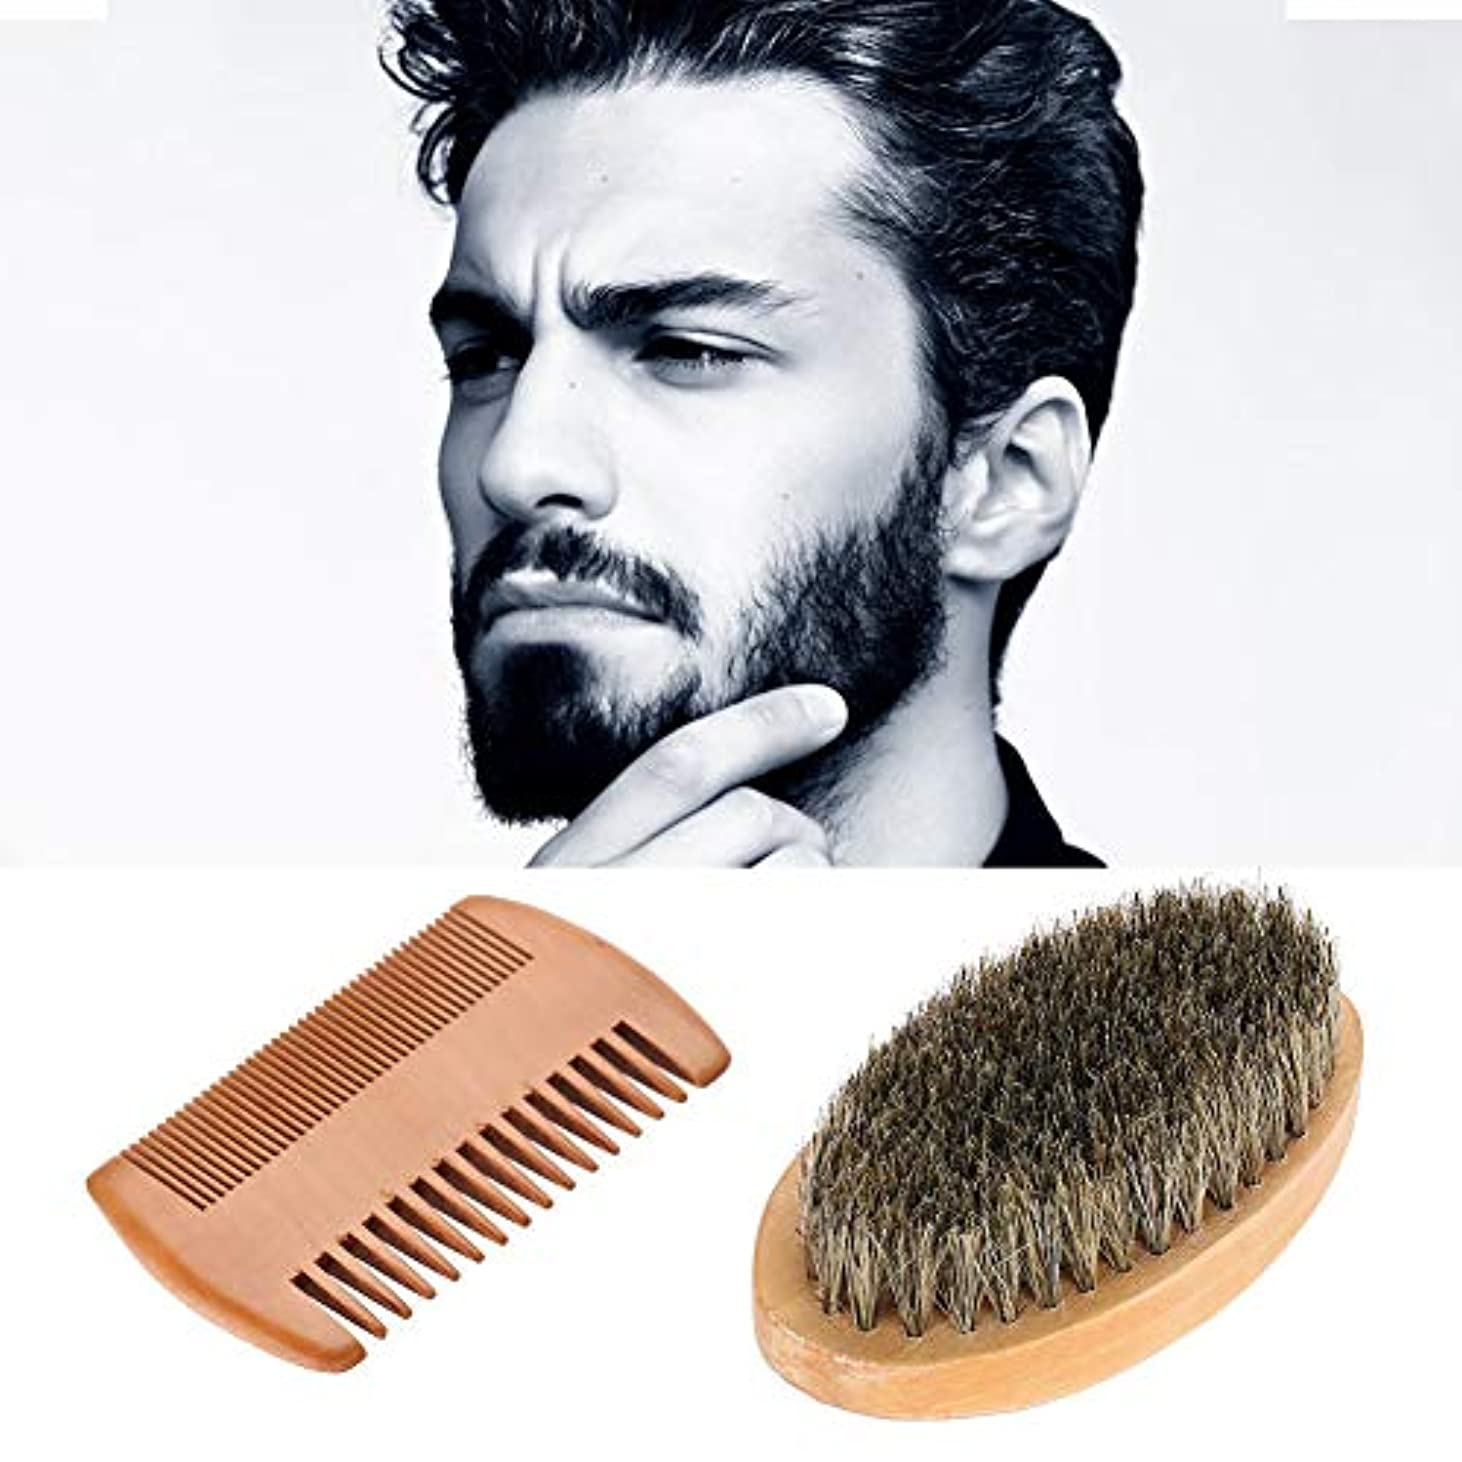 マイクロ病者ラッシュ男性の楕円形の木製の楕円形のブラシ+ひげの毛の顔のクリーニングの手入れをするキットのための櫛